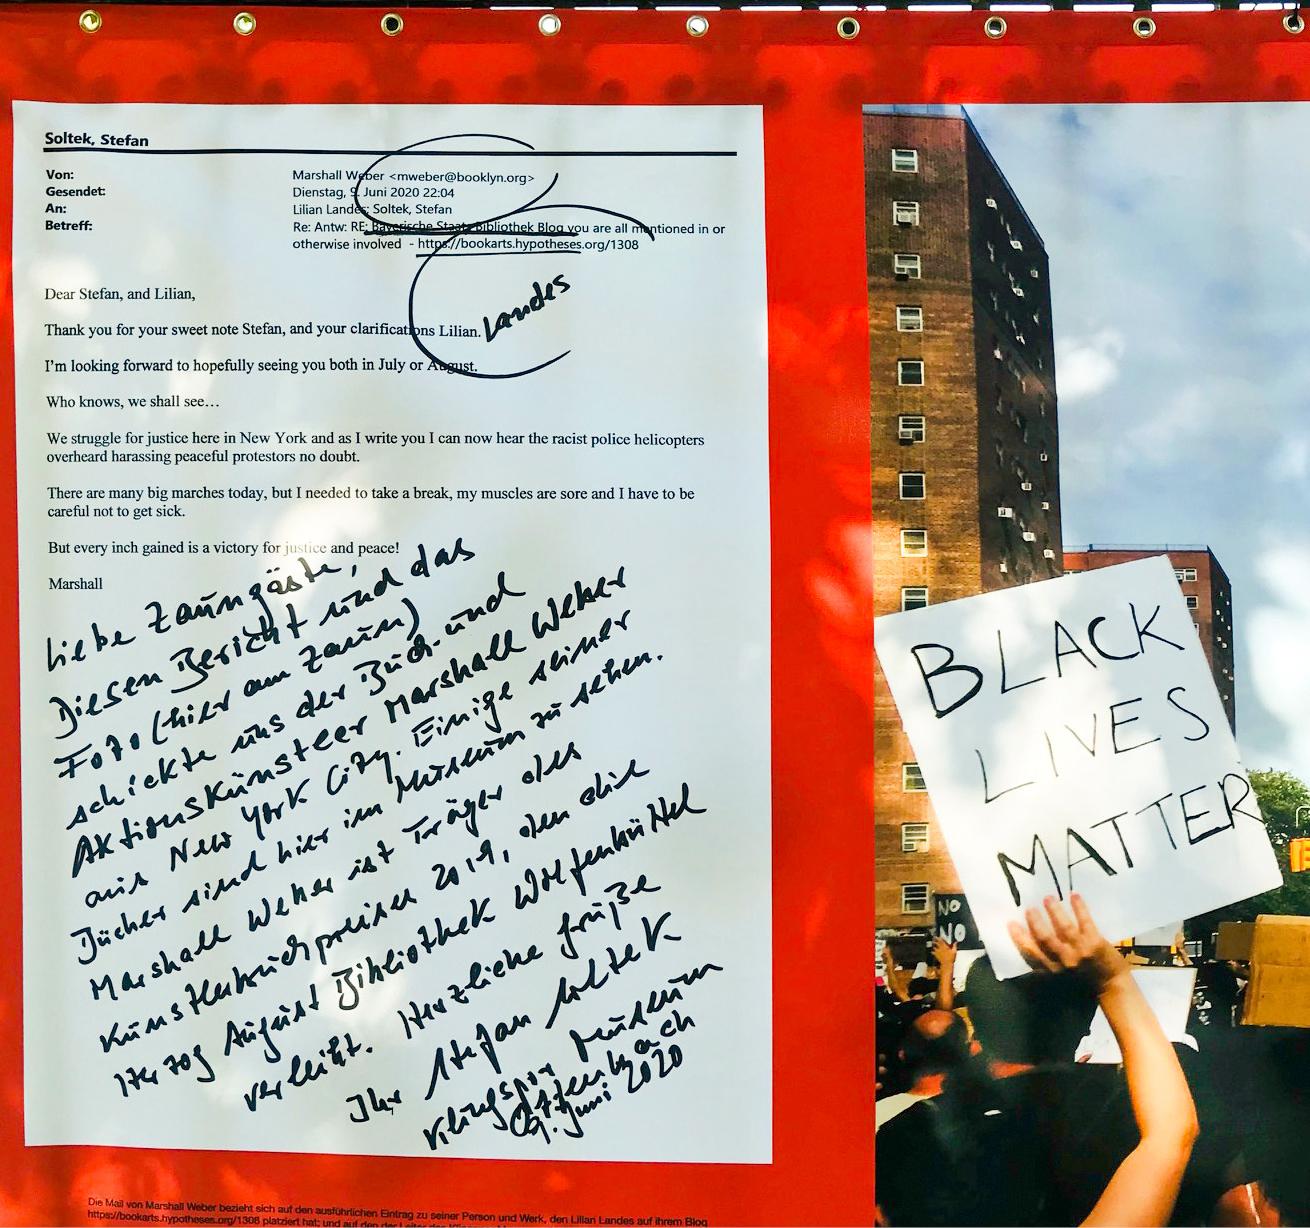 Mitten aus dem Protest der Black-Lives-Matter-Bewegung in New York mailte der Aktionskünstler Marshall Weber an Museumsdirektor Soltek: Während er diese Worte schreibe, kreisten die Hubschrauber der Rassisten über der Stadt. Weber hatte vor einigen Jahren eine Ausstellung im Offenbacher Museum. Weil Soltek das sehr bewegte, hat er kurzerhand ein paar Zeilen an die »lieben Zaungäste« dazugeschrieben. Das Banner ist nur noch auf Fotos zu sehen, es wurde zerstört. Foto: Klingspor Museum